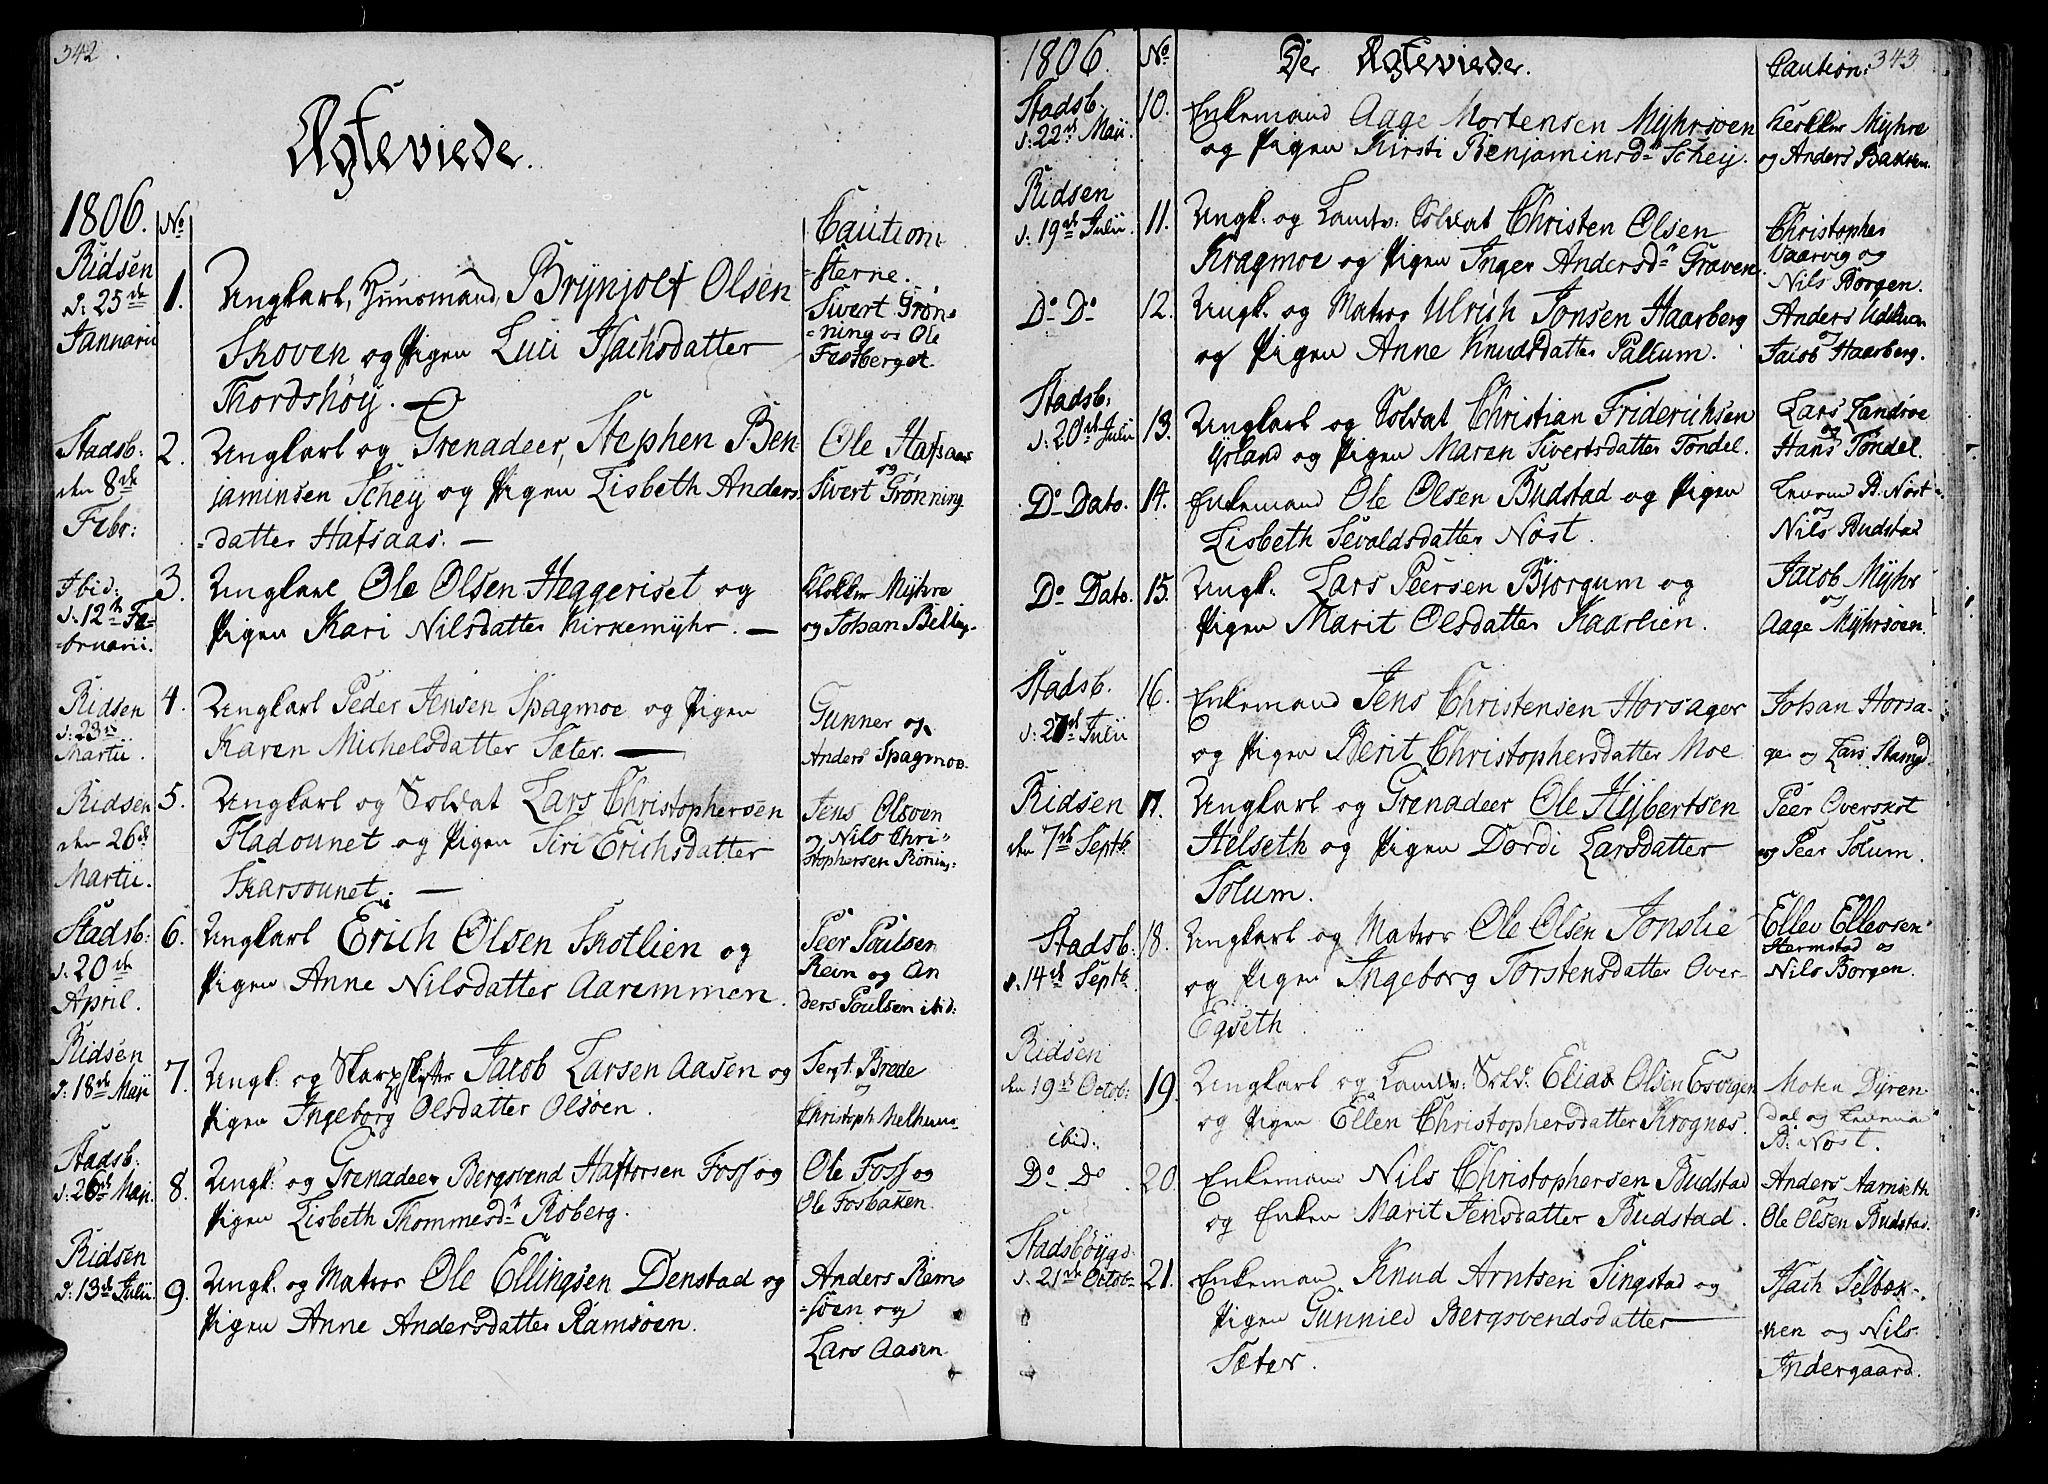 SAT, Ministerialprotokoller, klokkerbøker og fødselsregistre - Sør-Trøndelag, 646/L0607: Ministerialbok nr. 646A05, 1806-1815, s. 342-343